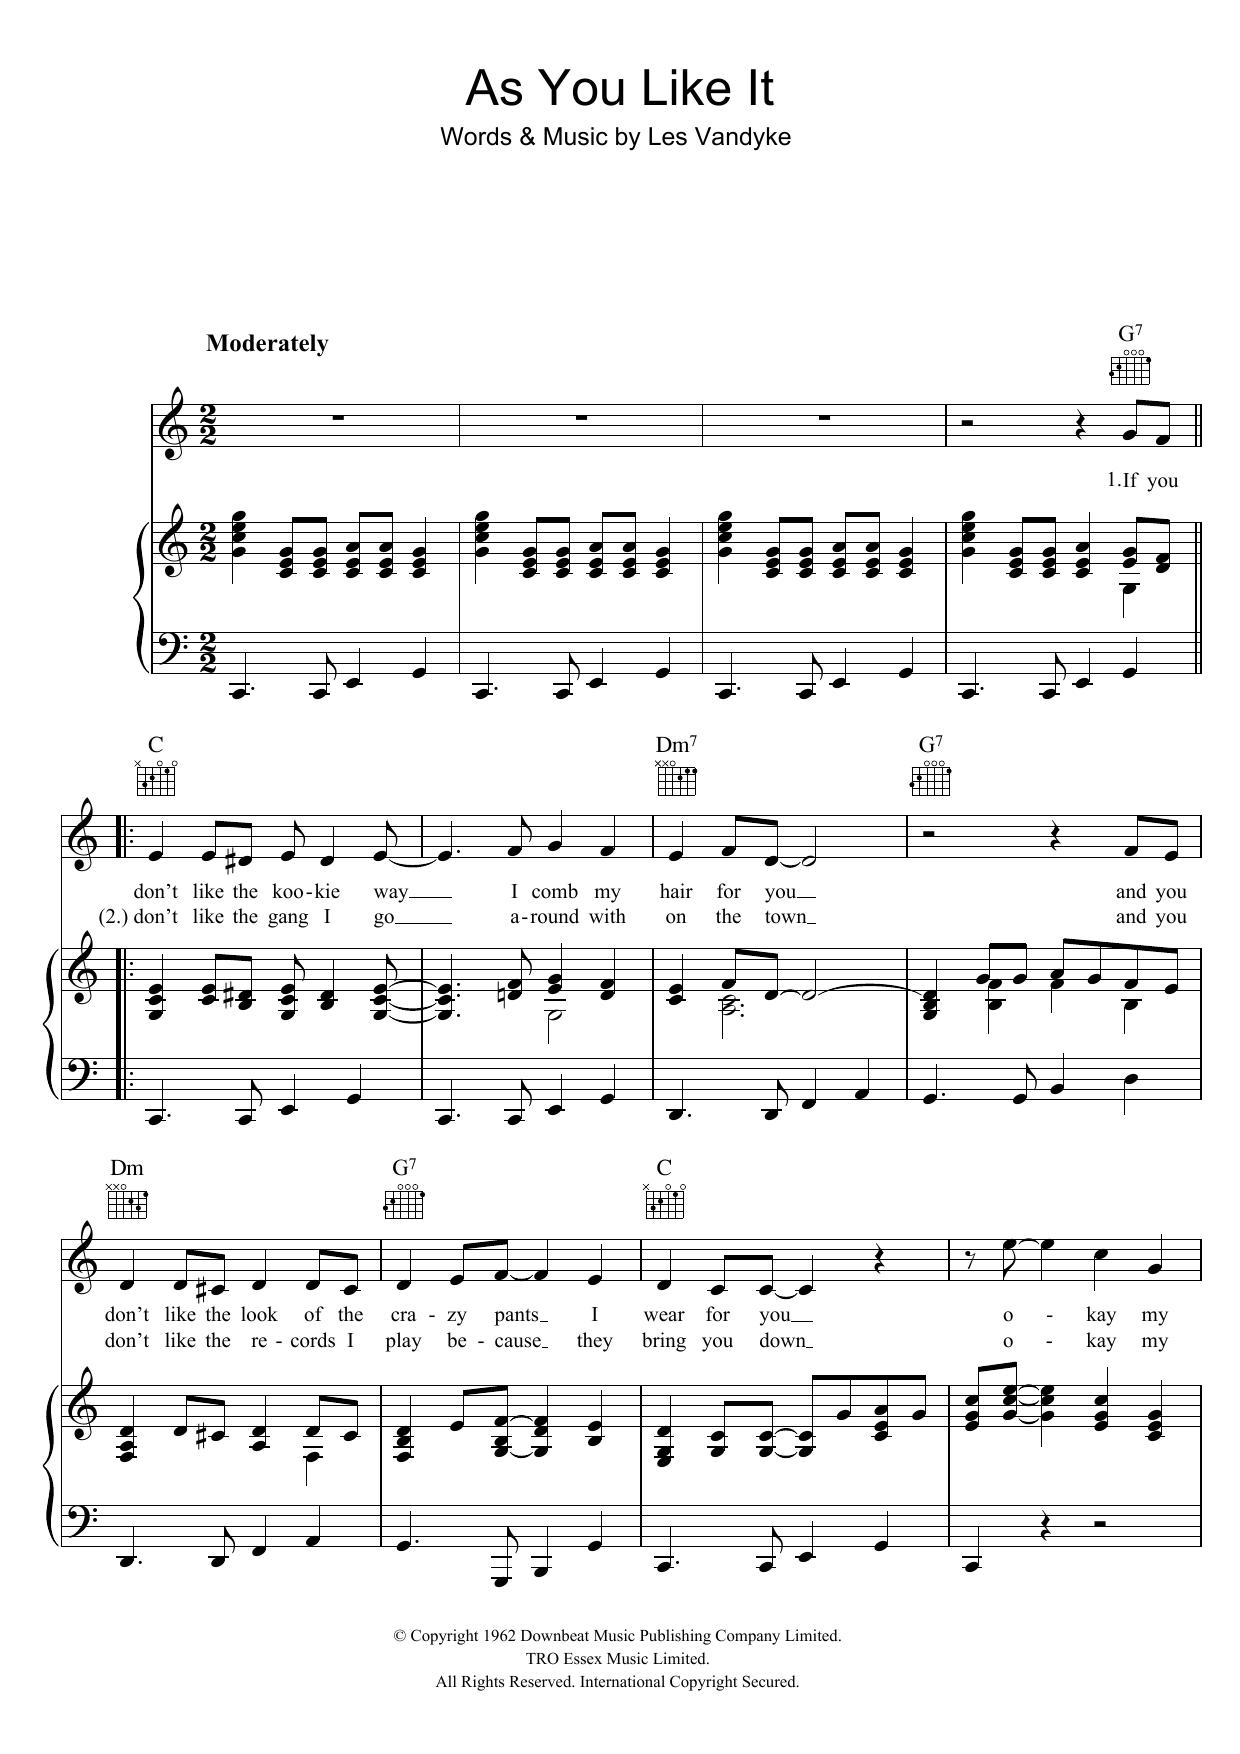 As You Like It Sheet Music